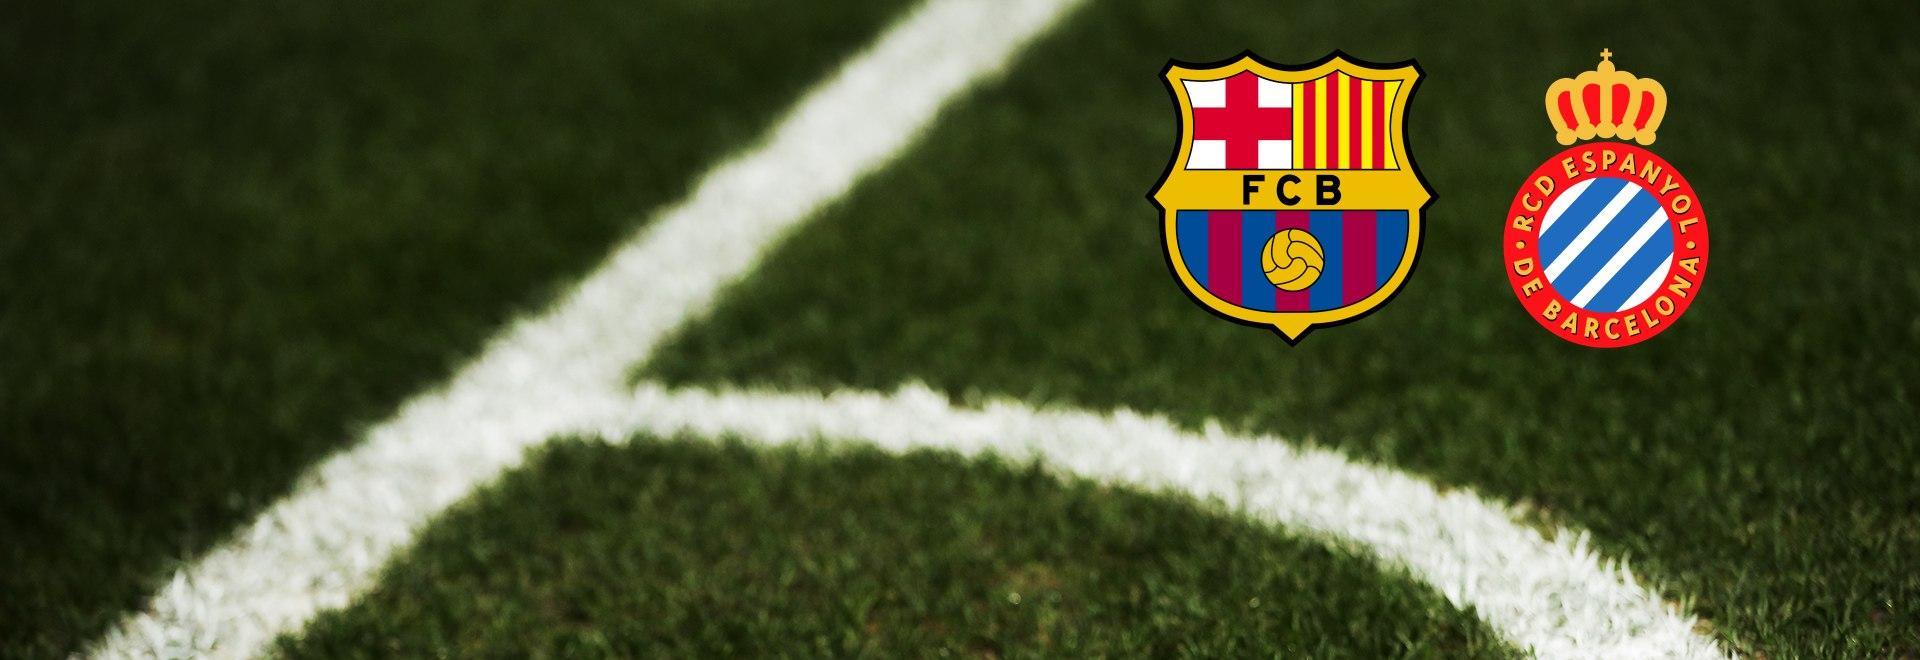 Barcellona - Espanyol. 35a g.